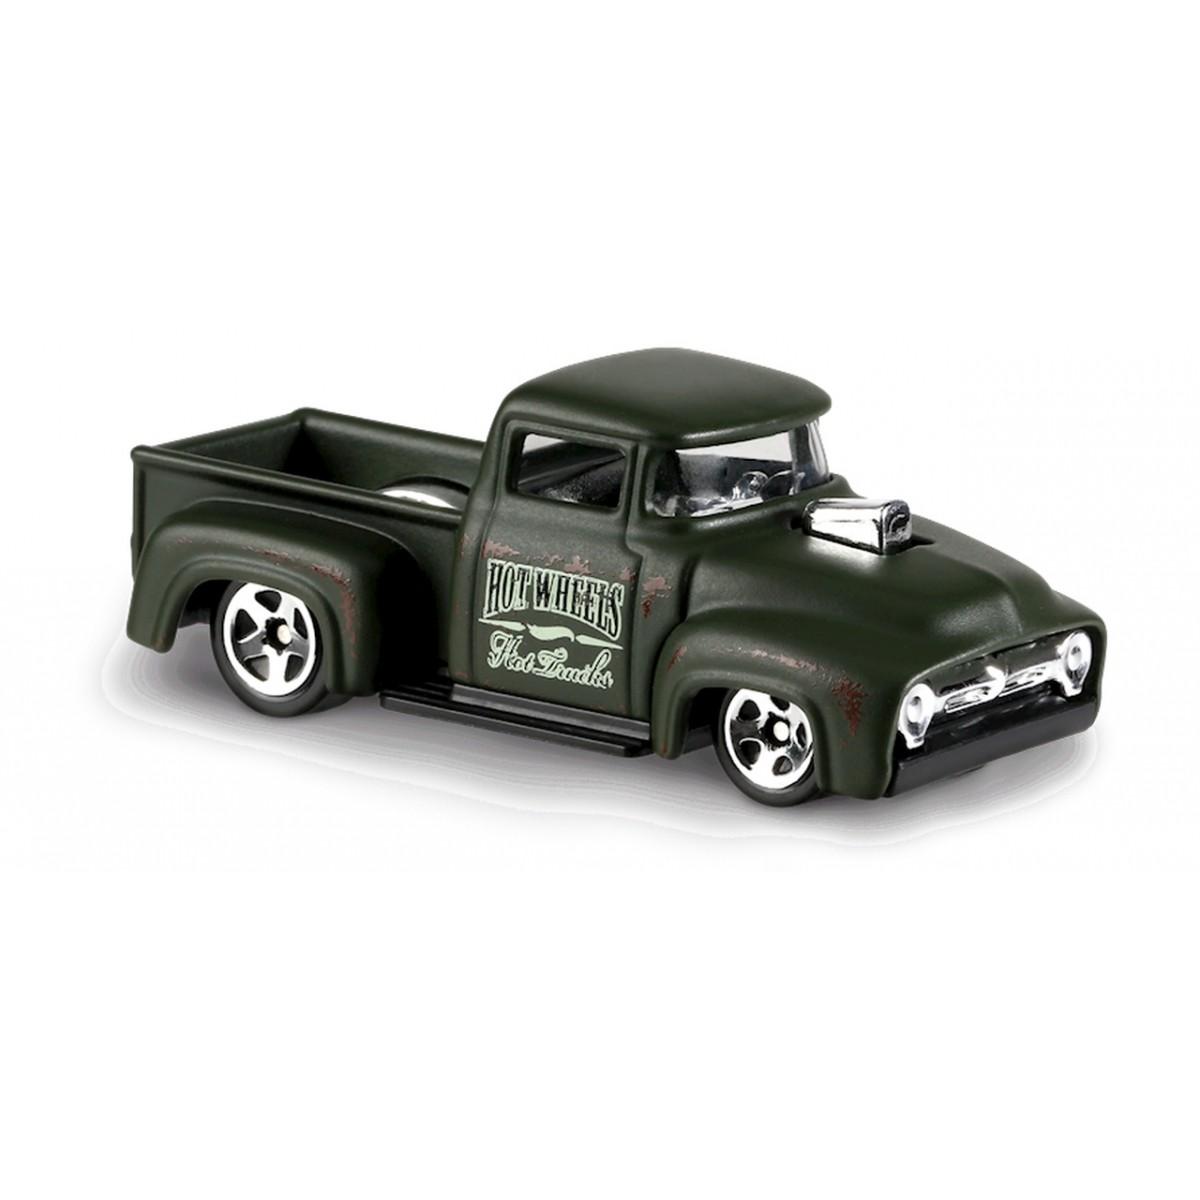 Carrinho Hot Wheels: Custom '56 Ford Truck Verde